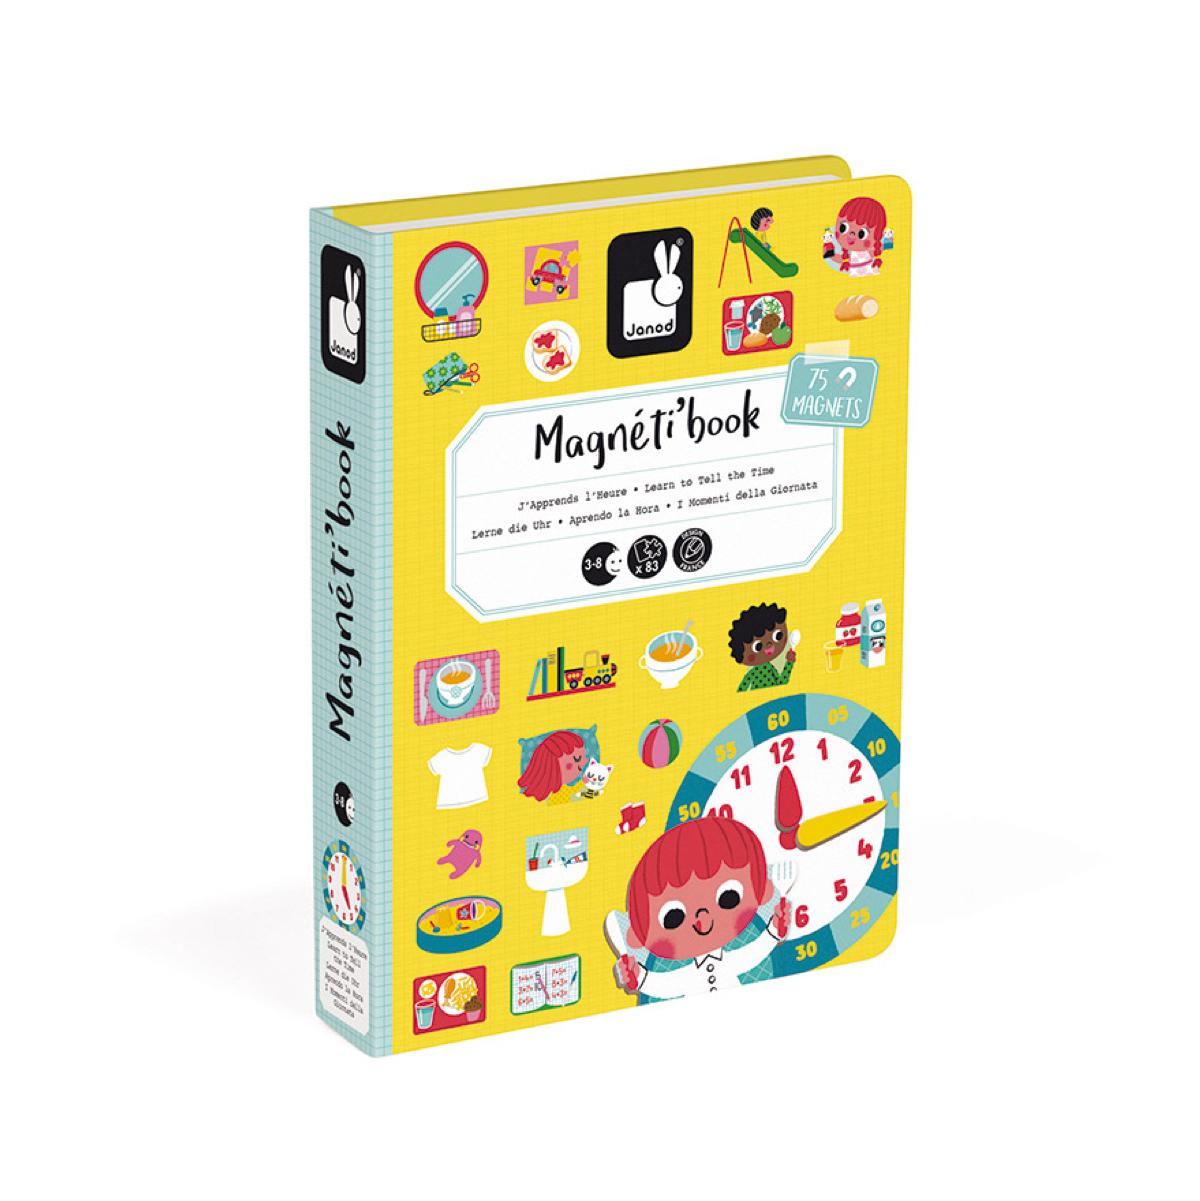 magnetibook-aprendo-la hora-janod-el-mundo-de-mico